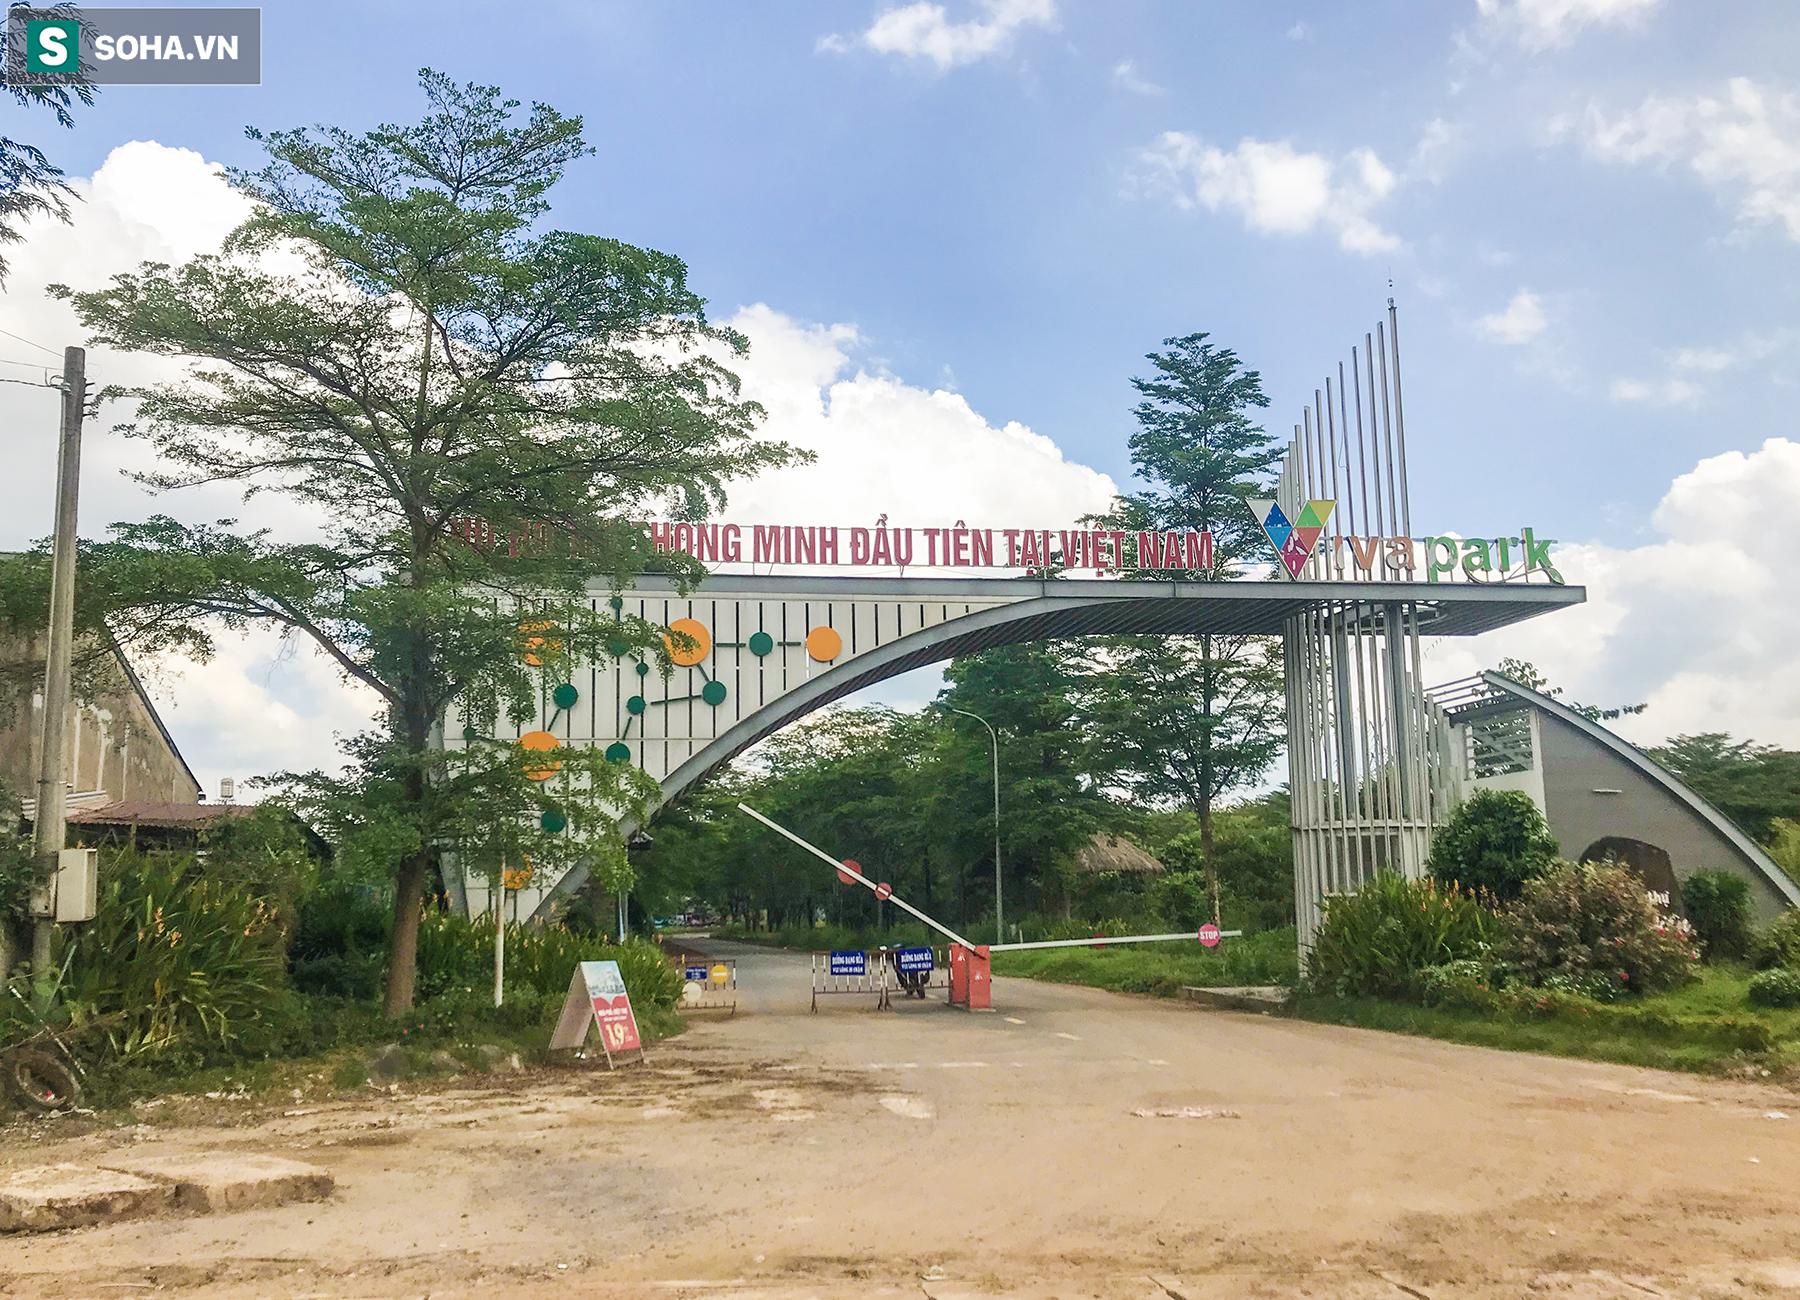 [Ảnh] Cận cảnh dự án với gần 700 căn nhà trái phép, được quảng cáo là đô thị thông minh đầu tiên tại Việt Nam - Ảnh 14.